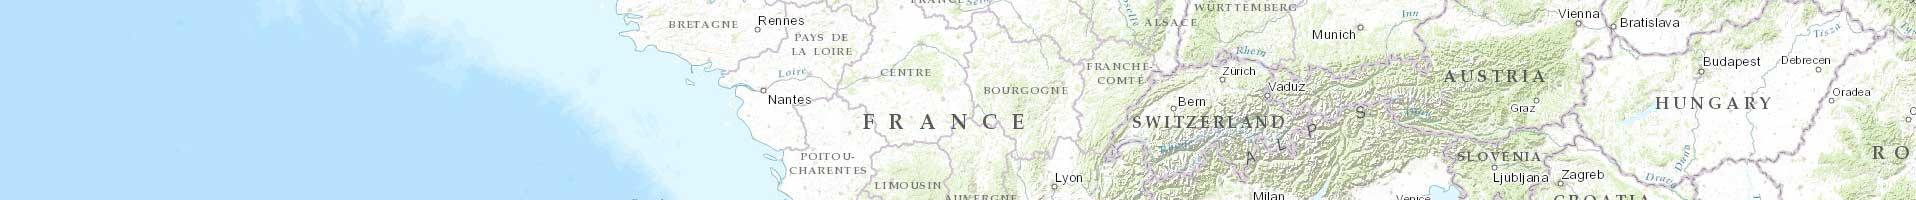 Carte topographique Monde / ESRI 1er niveau d'agrandissement